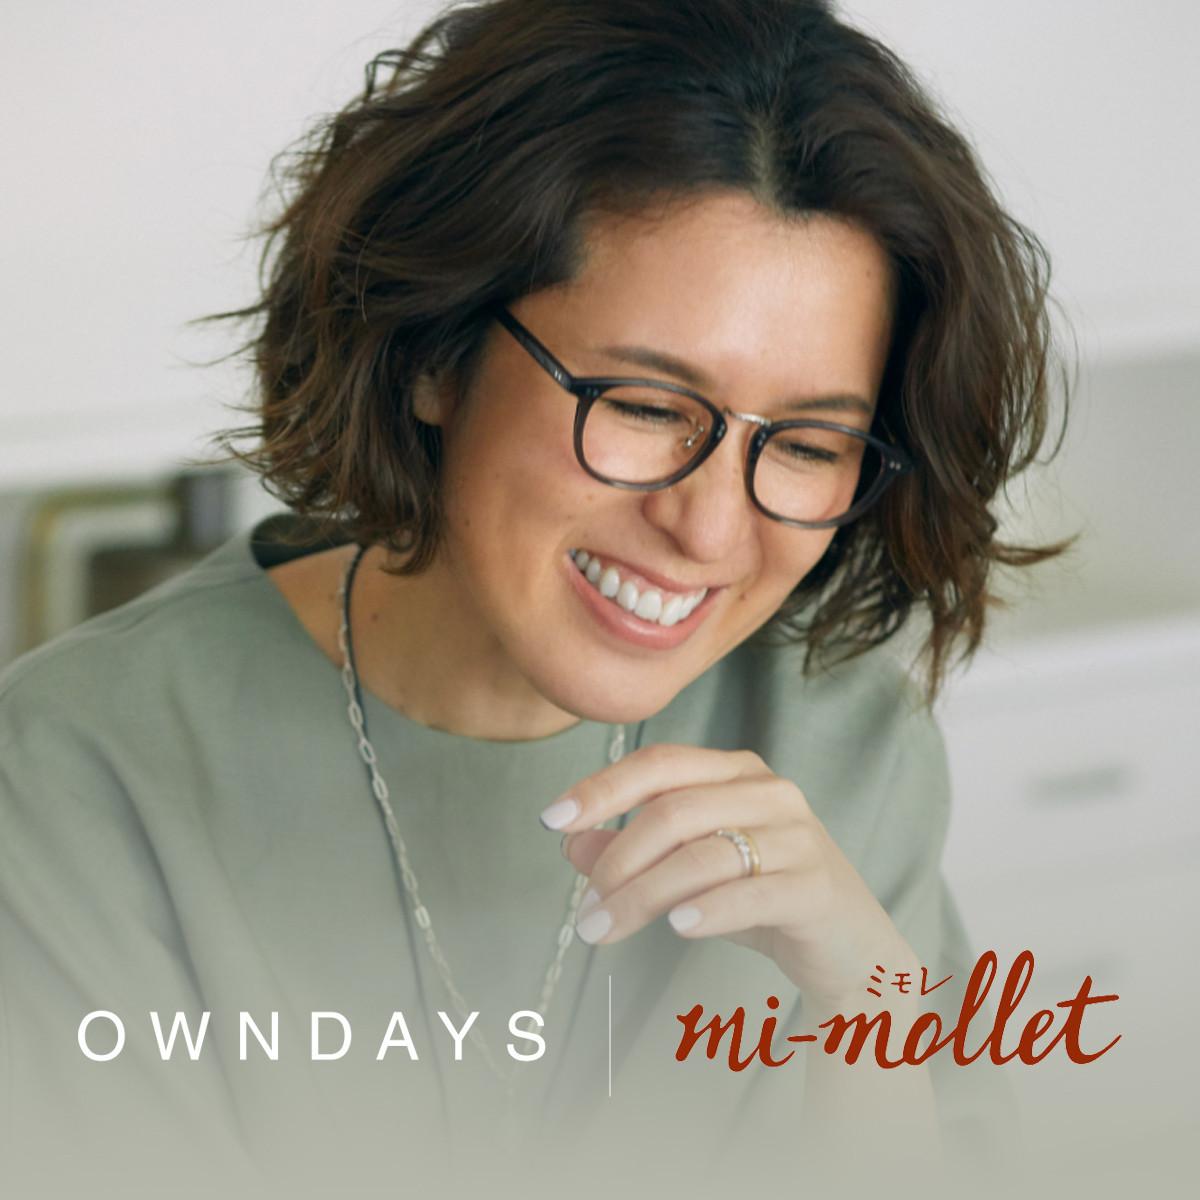 mi-mollet × OWNDAYS